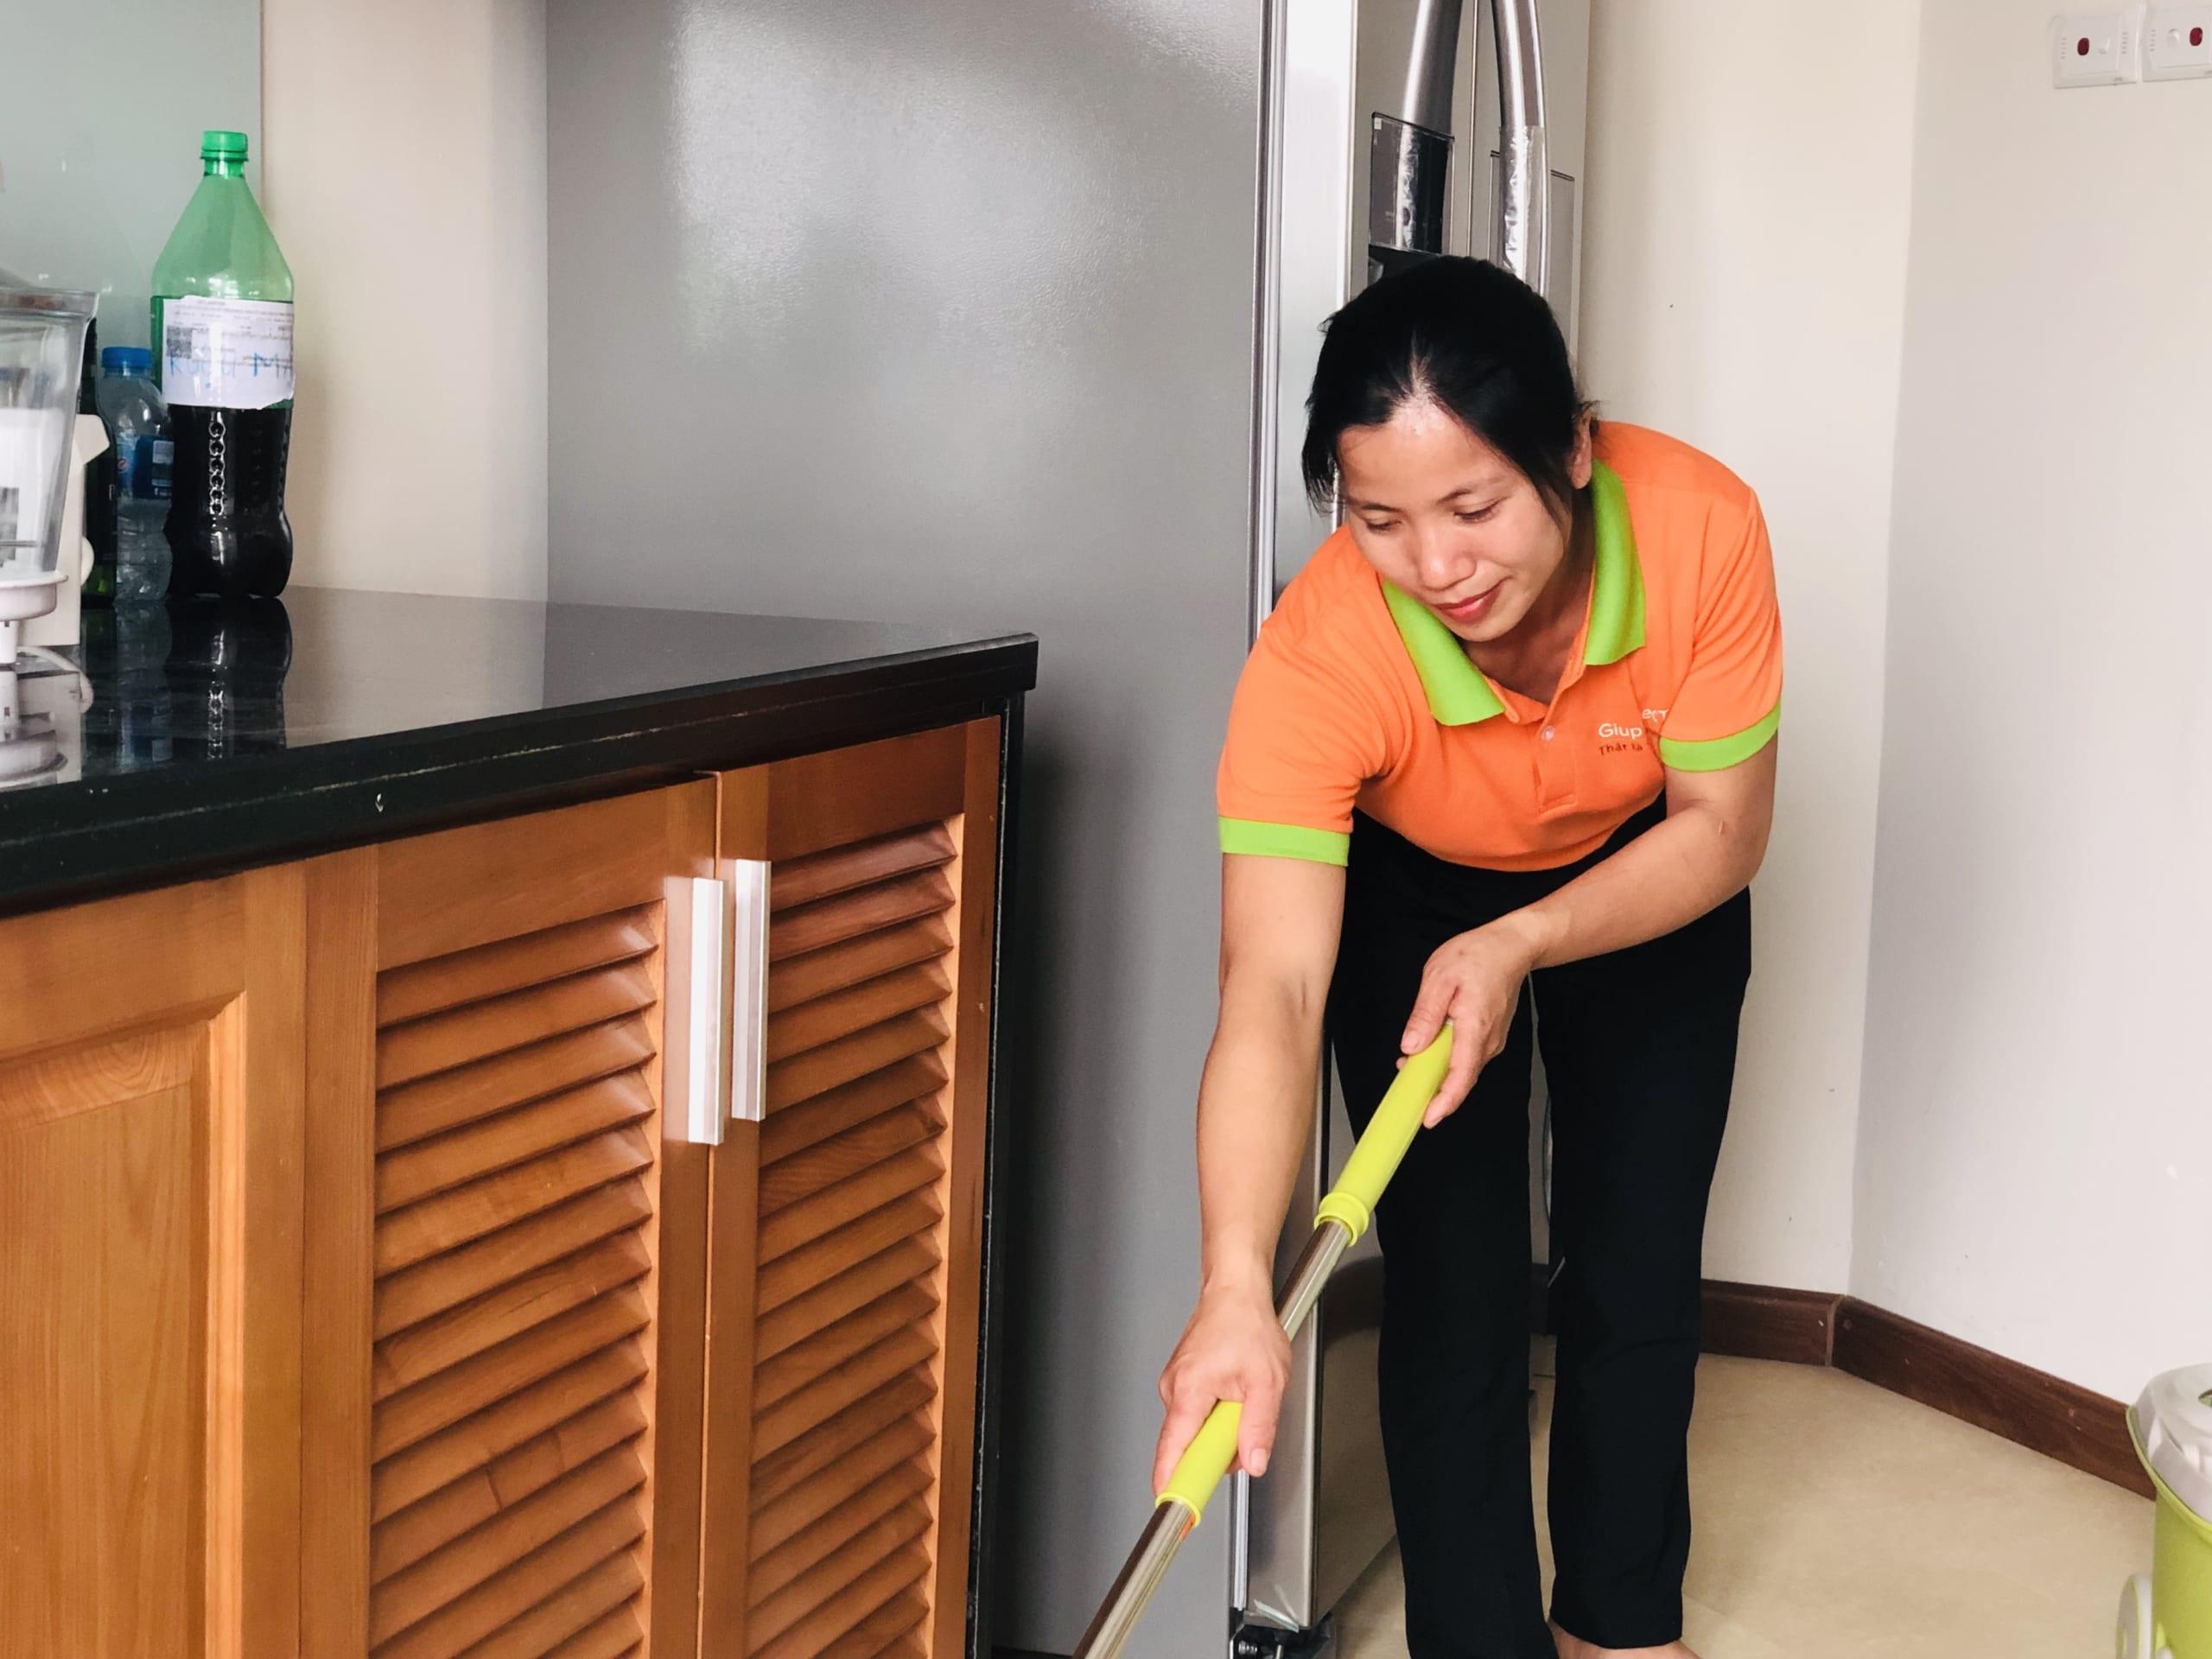 Dịch vụ thuê dọn nhà theo giờ tại Hà Nội năm 2020